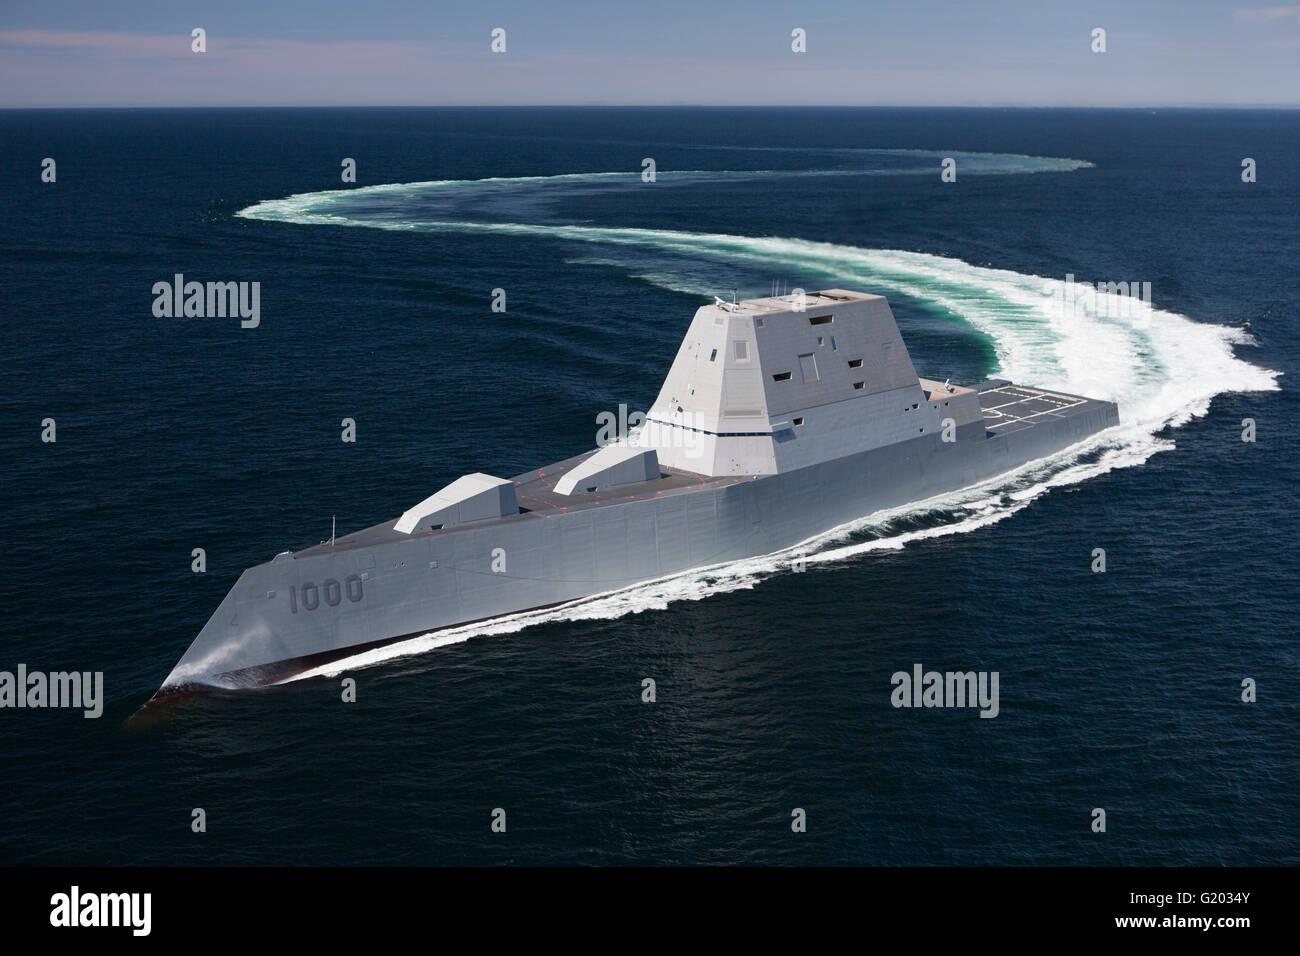 Stealth Schiff Stockfotos & Stealth Schiff Bilder - Alamy